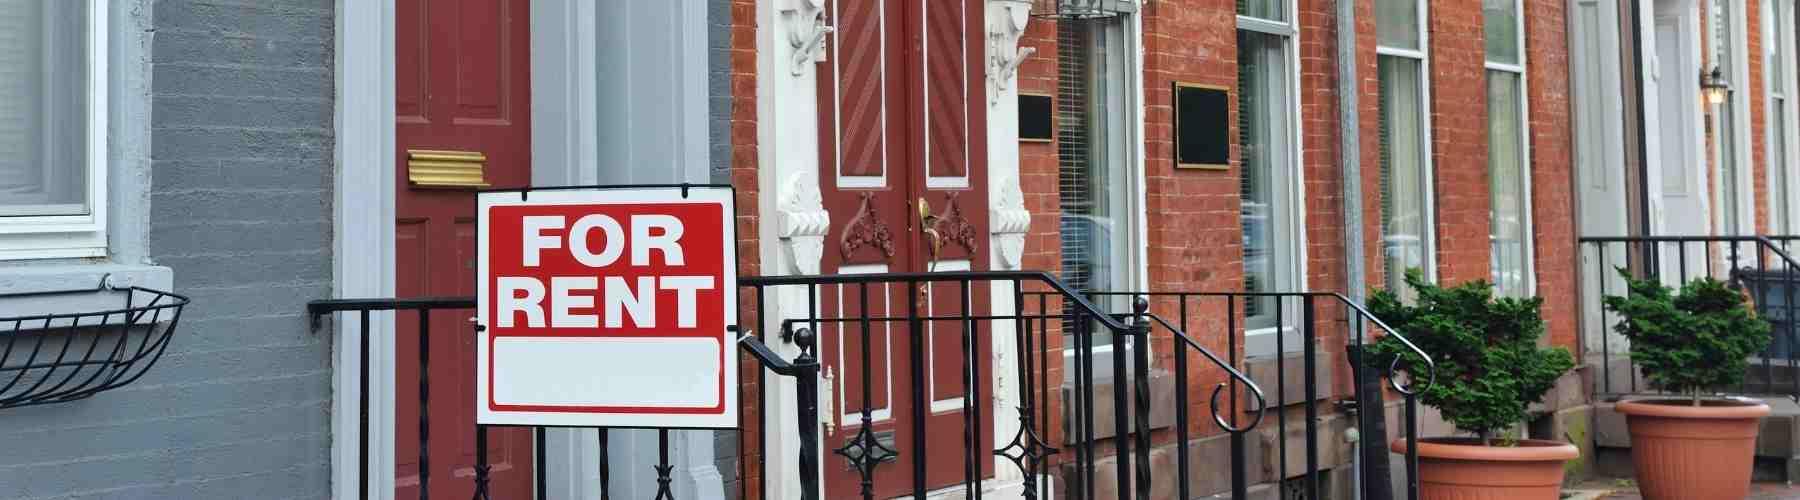 Passive Income College Students - Real Estate